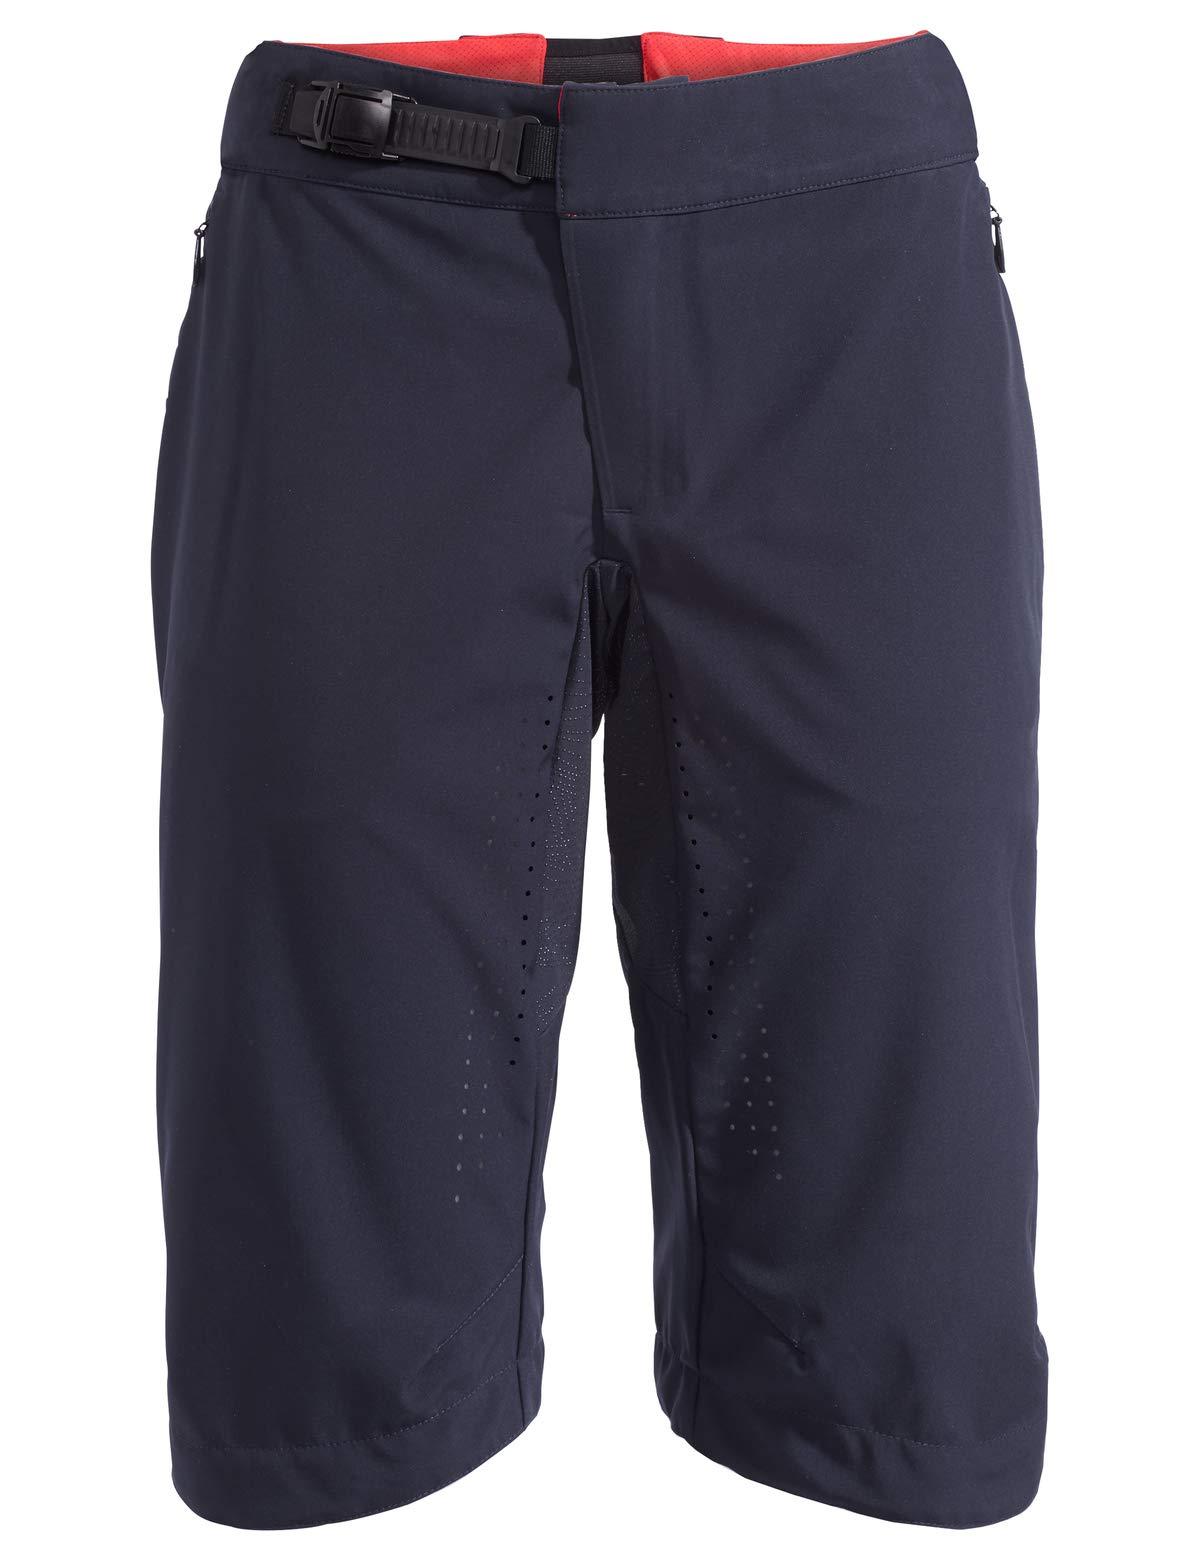 VAUDE Damen Hose eMoab Shorts für eMountainbiker, eclipse, 38, 414397500380